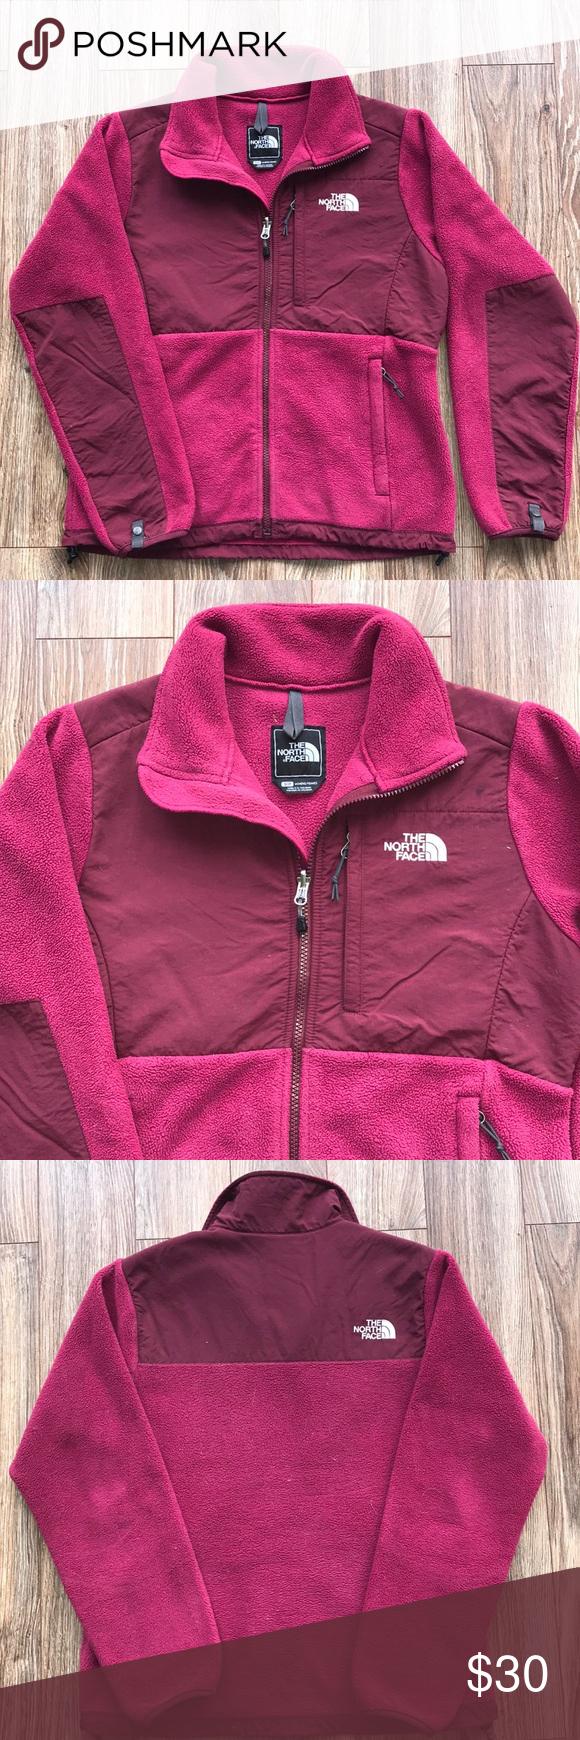 Maroon Fleece North Face Jacket North Face Fleece North Face Jacket North Face Fleece Jacket [ 1740 x 580 Pixel ]